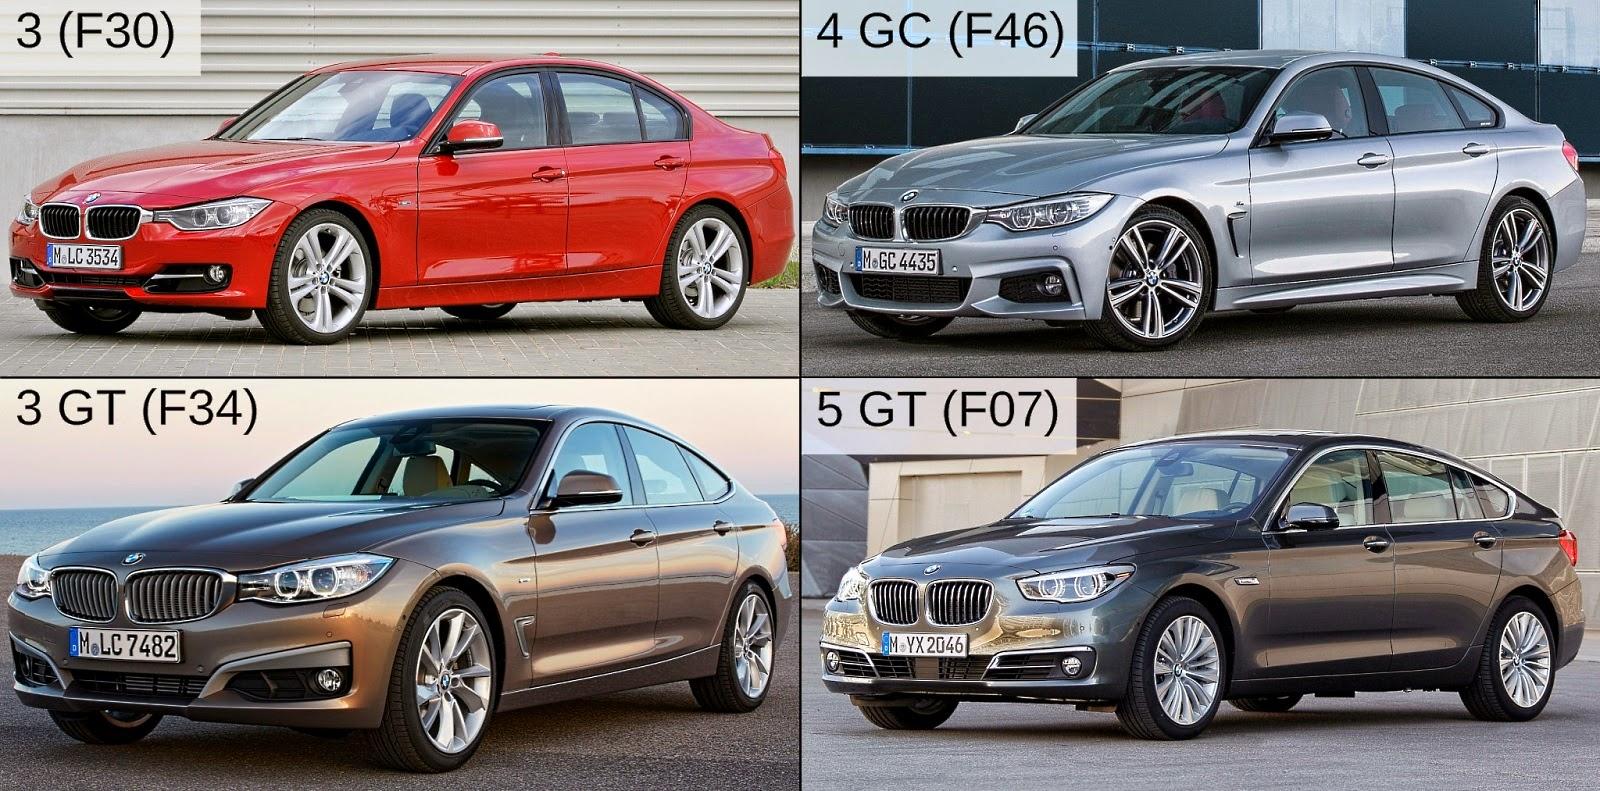 BMW - porównanie modeli